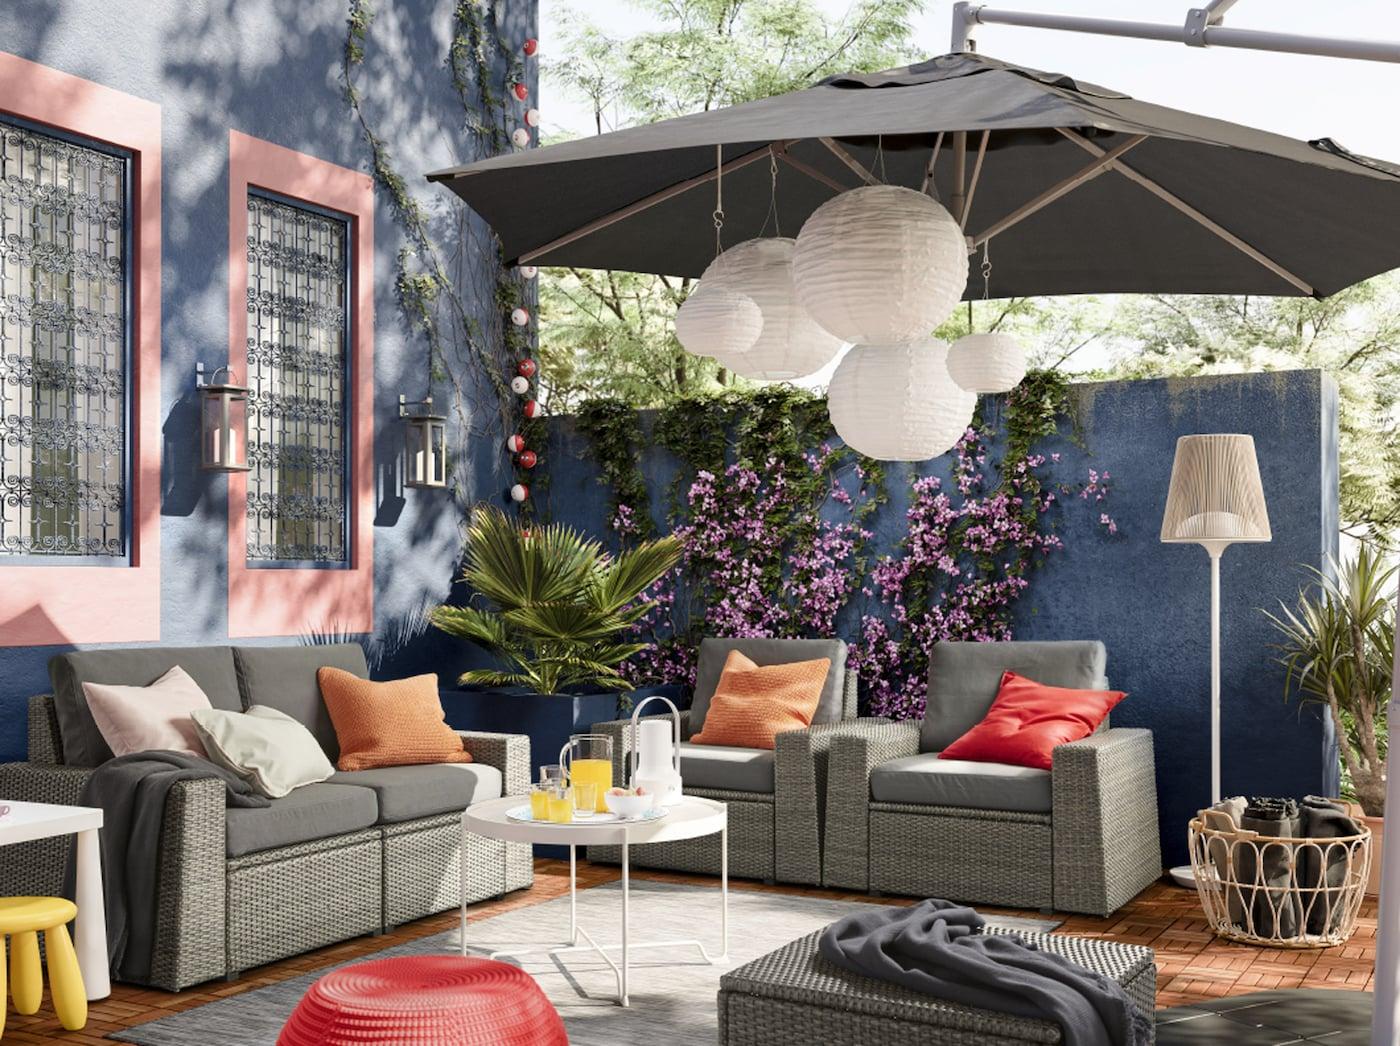 Gemütlicher Außenbereich mit grauen Sitzmöbeln, grauem Sonnenschirm, Pflanzen & Tisch